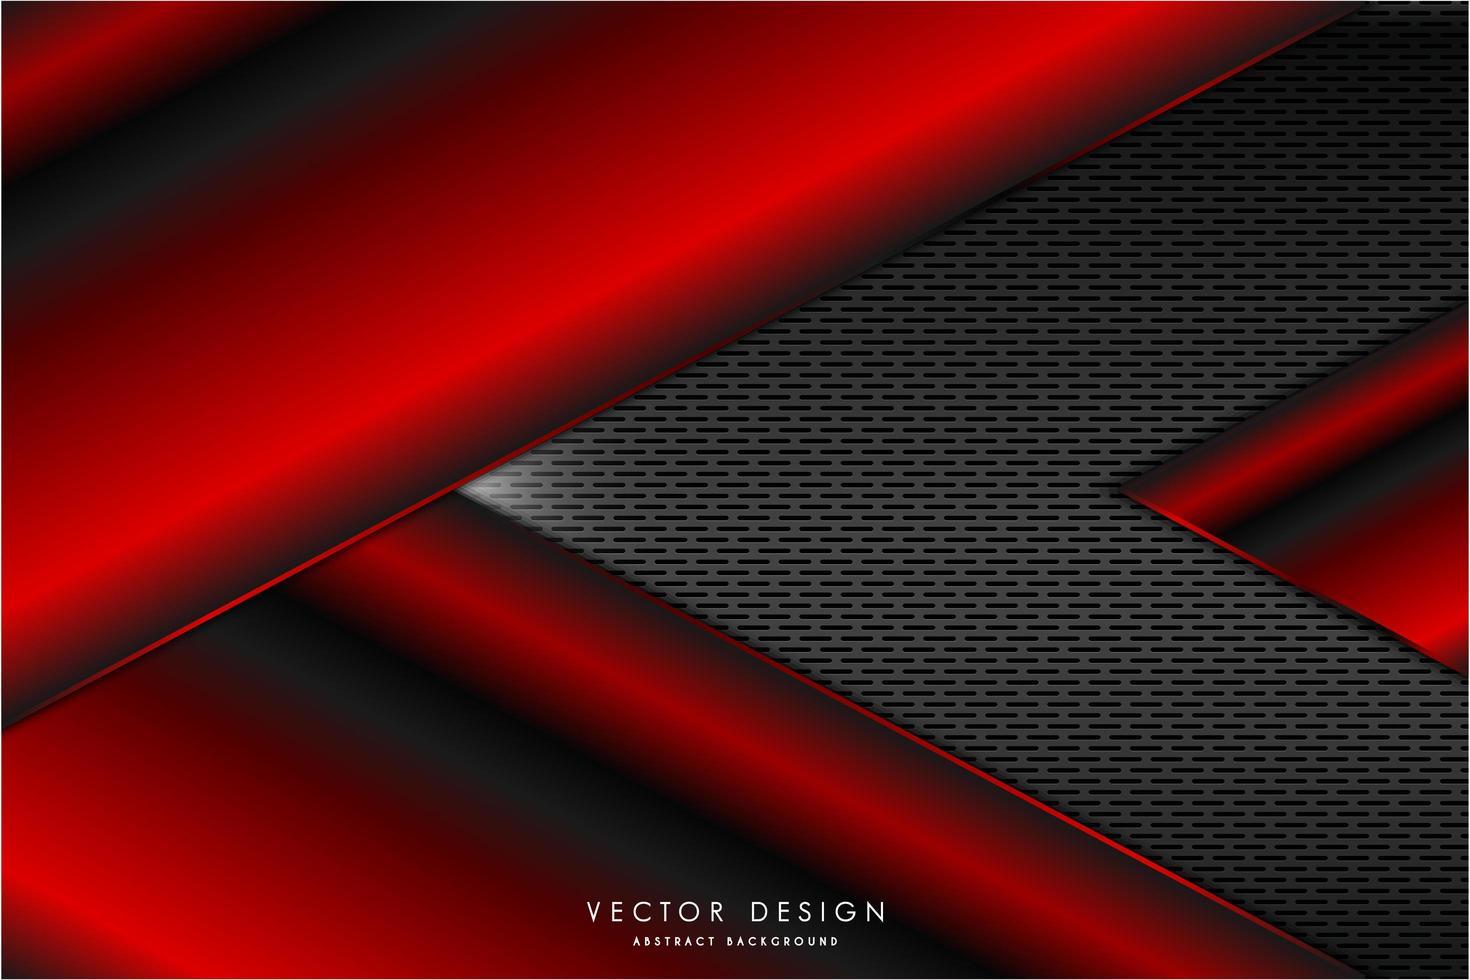 metallic rode pijlvormige platen met grijze rooster textuur vector